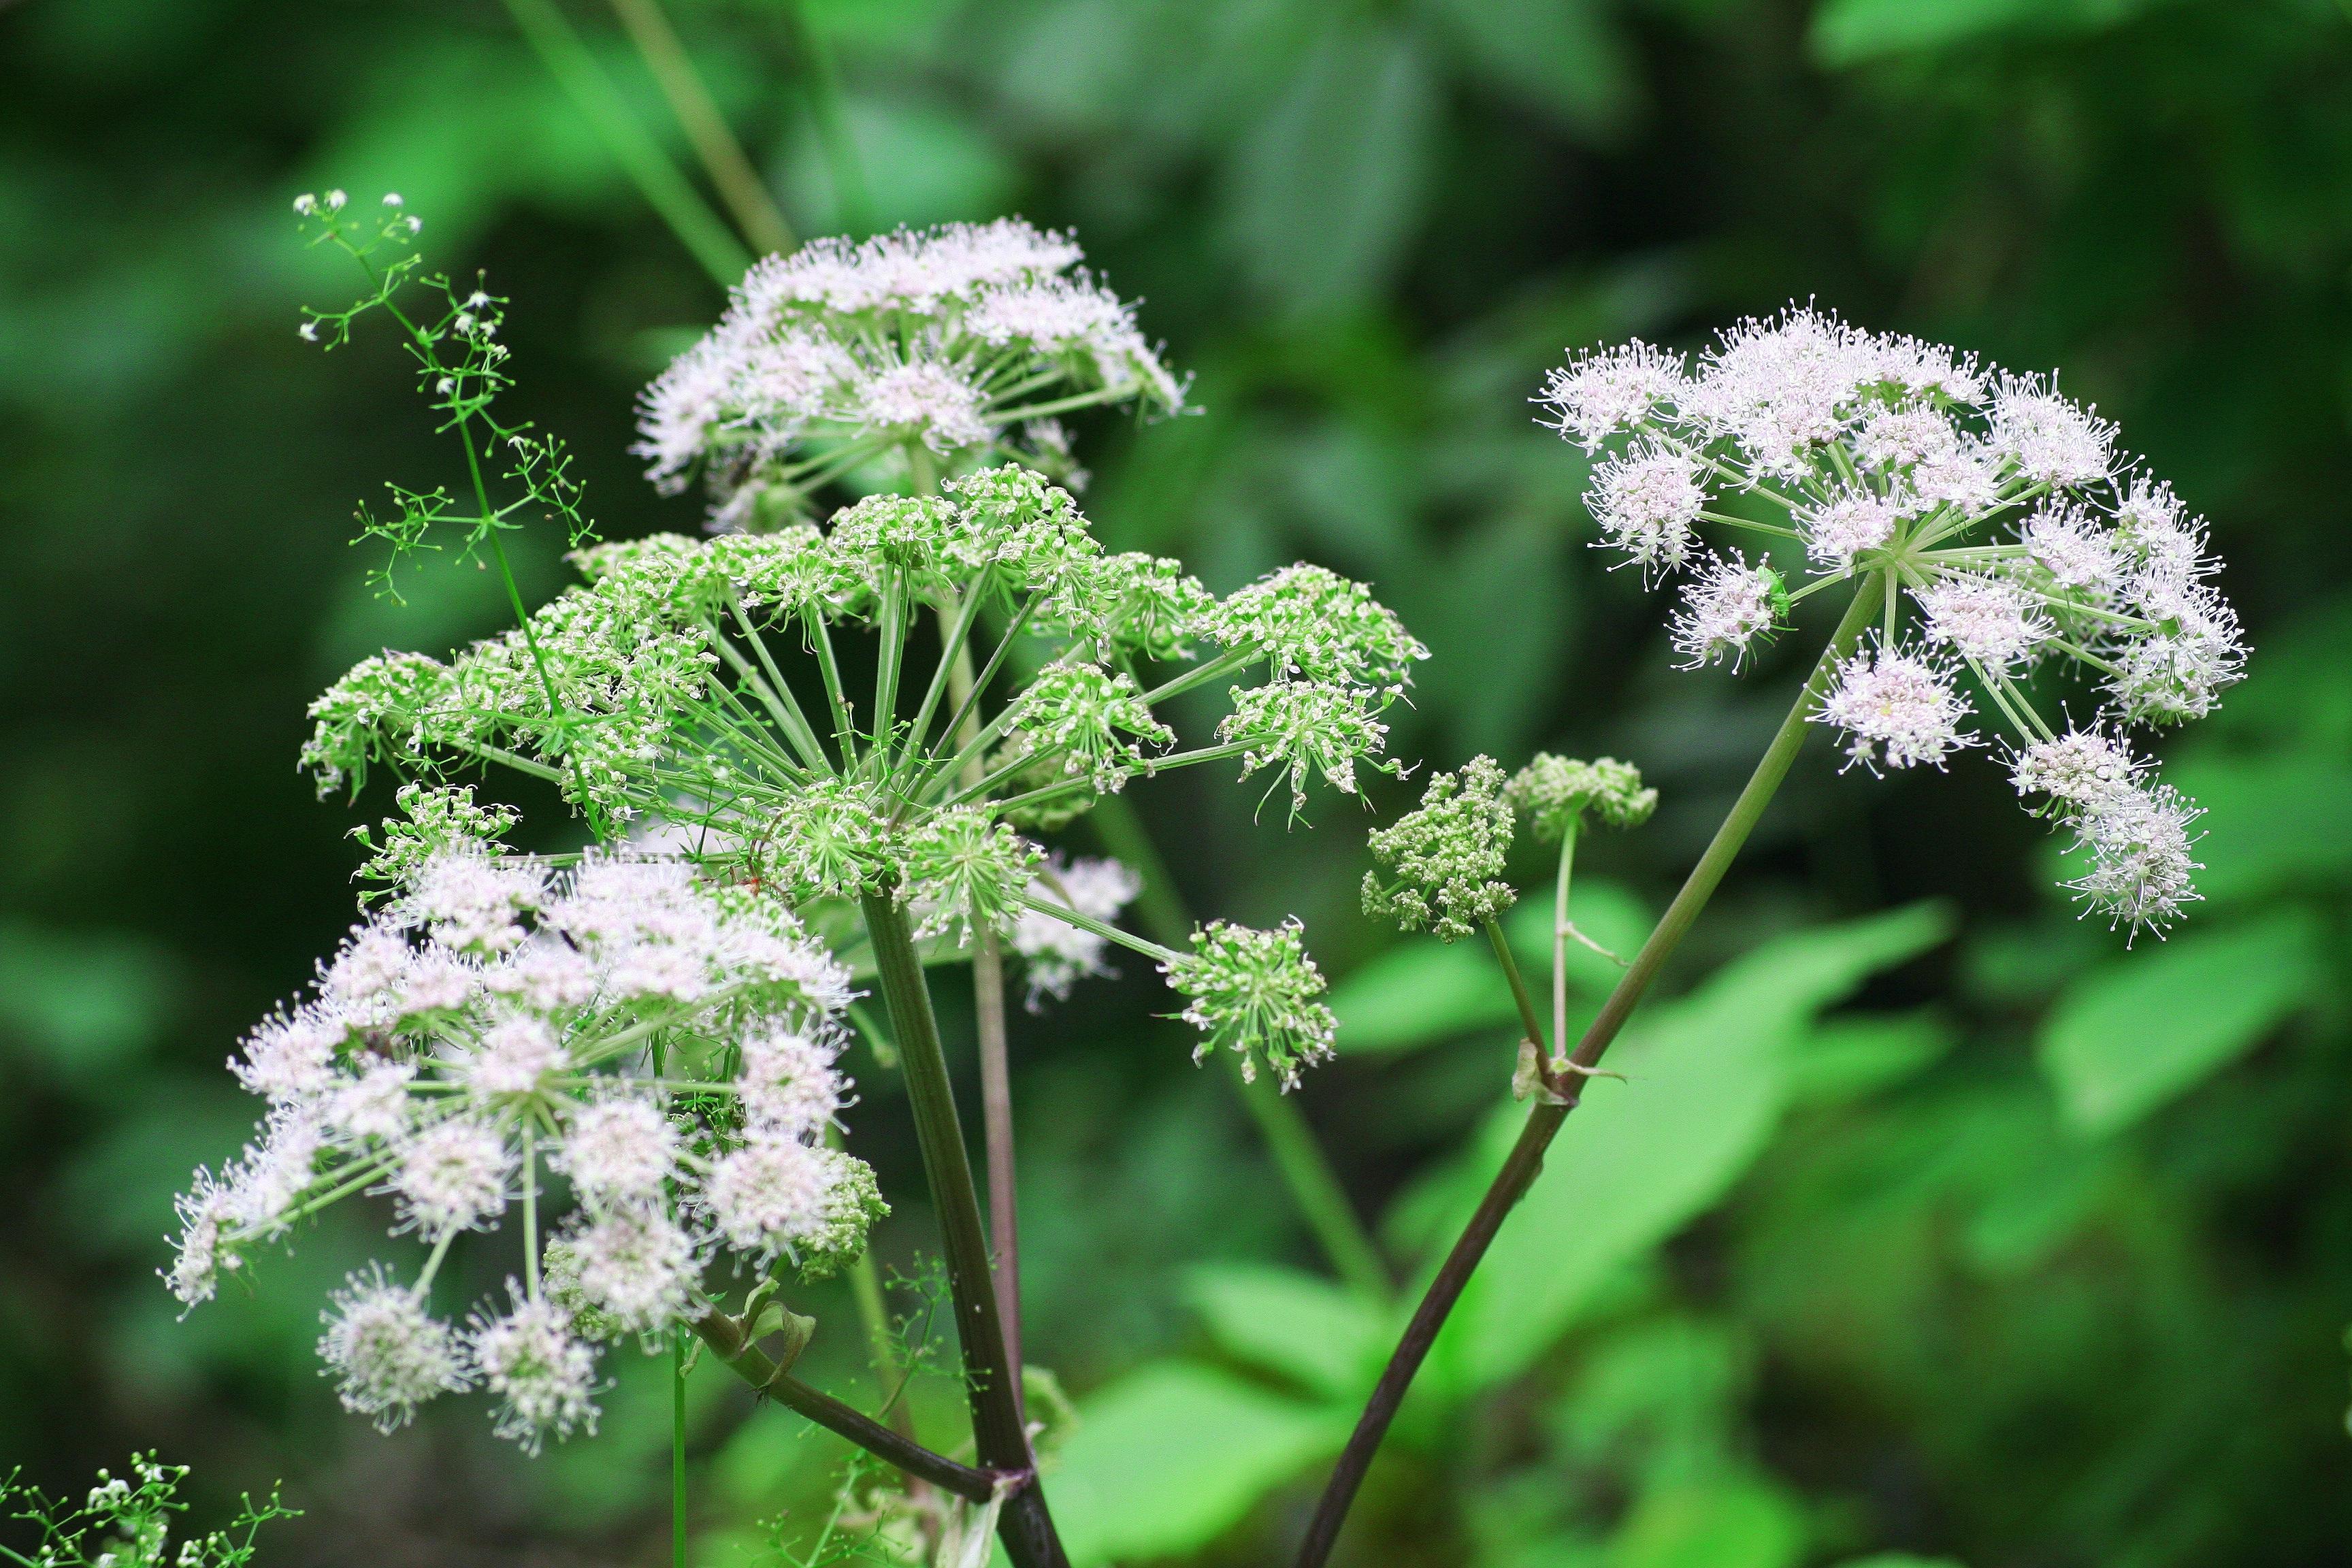 images gratuites paysage la nature fleur herbe produire botanique flore les plantes. Black Bedroom Furniture Sets. Home Design Ideas